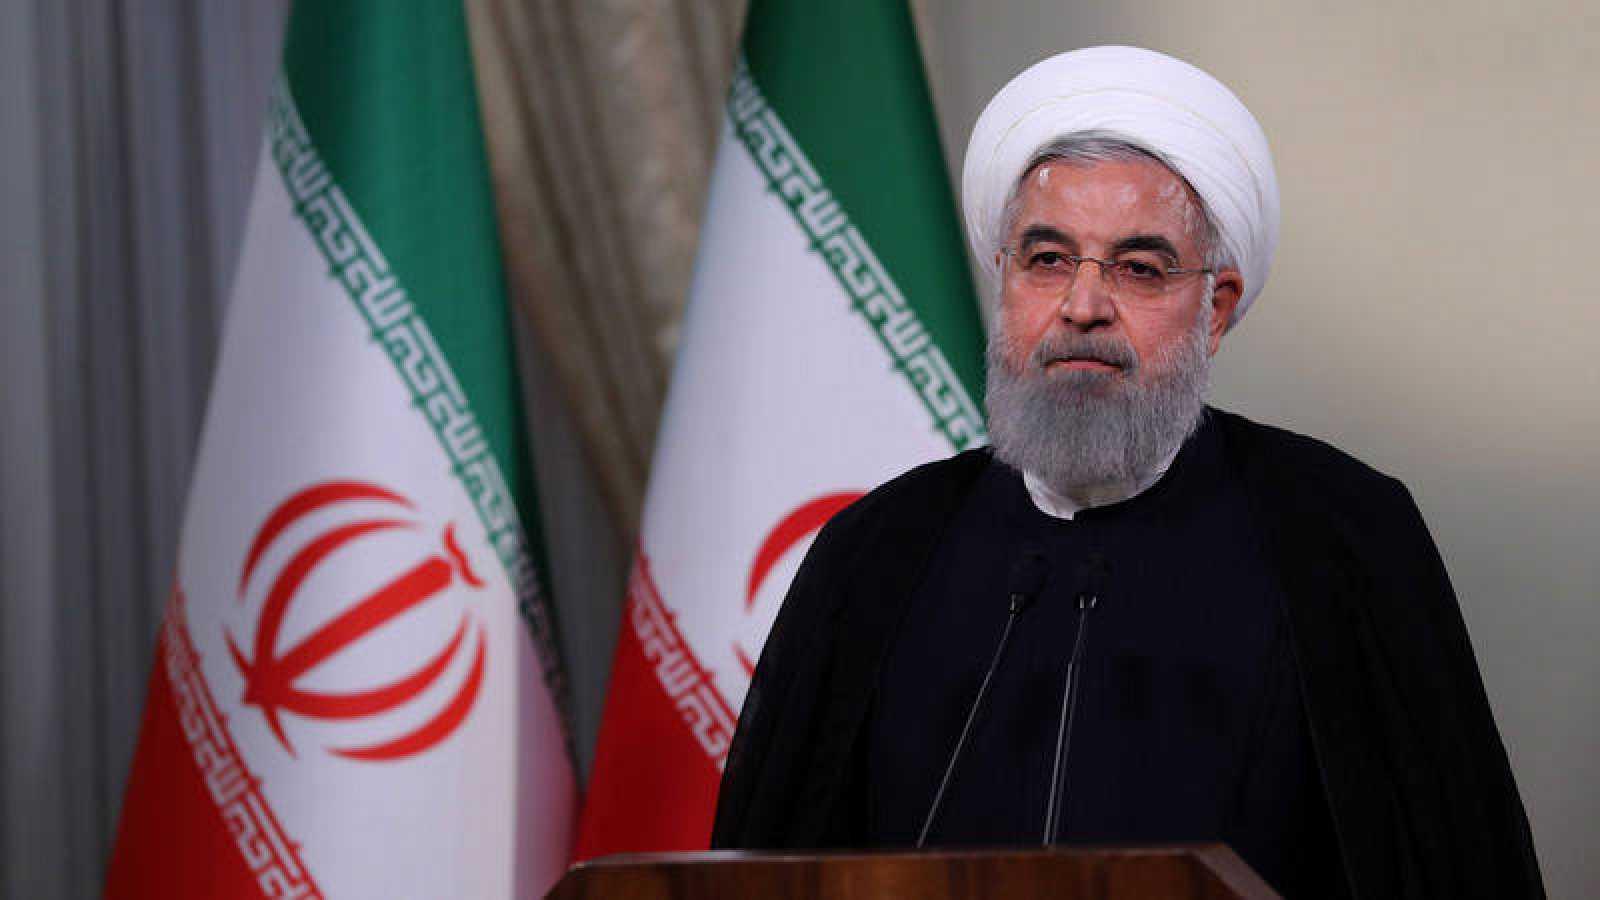 El presidente de Irán, Hasan Rohaní, en su comparecencia en televisión